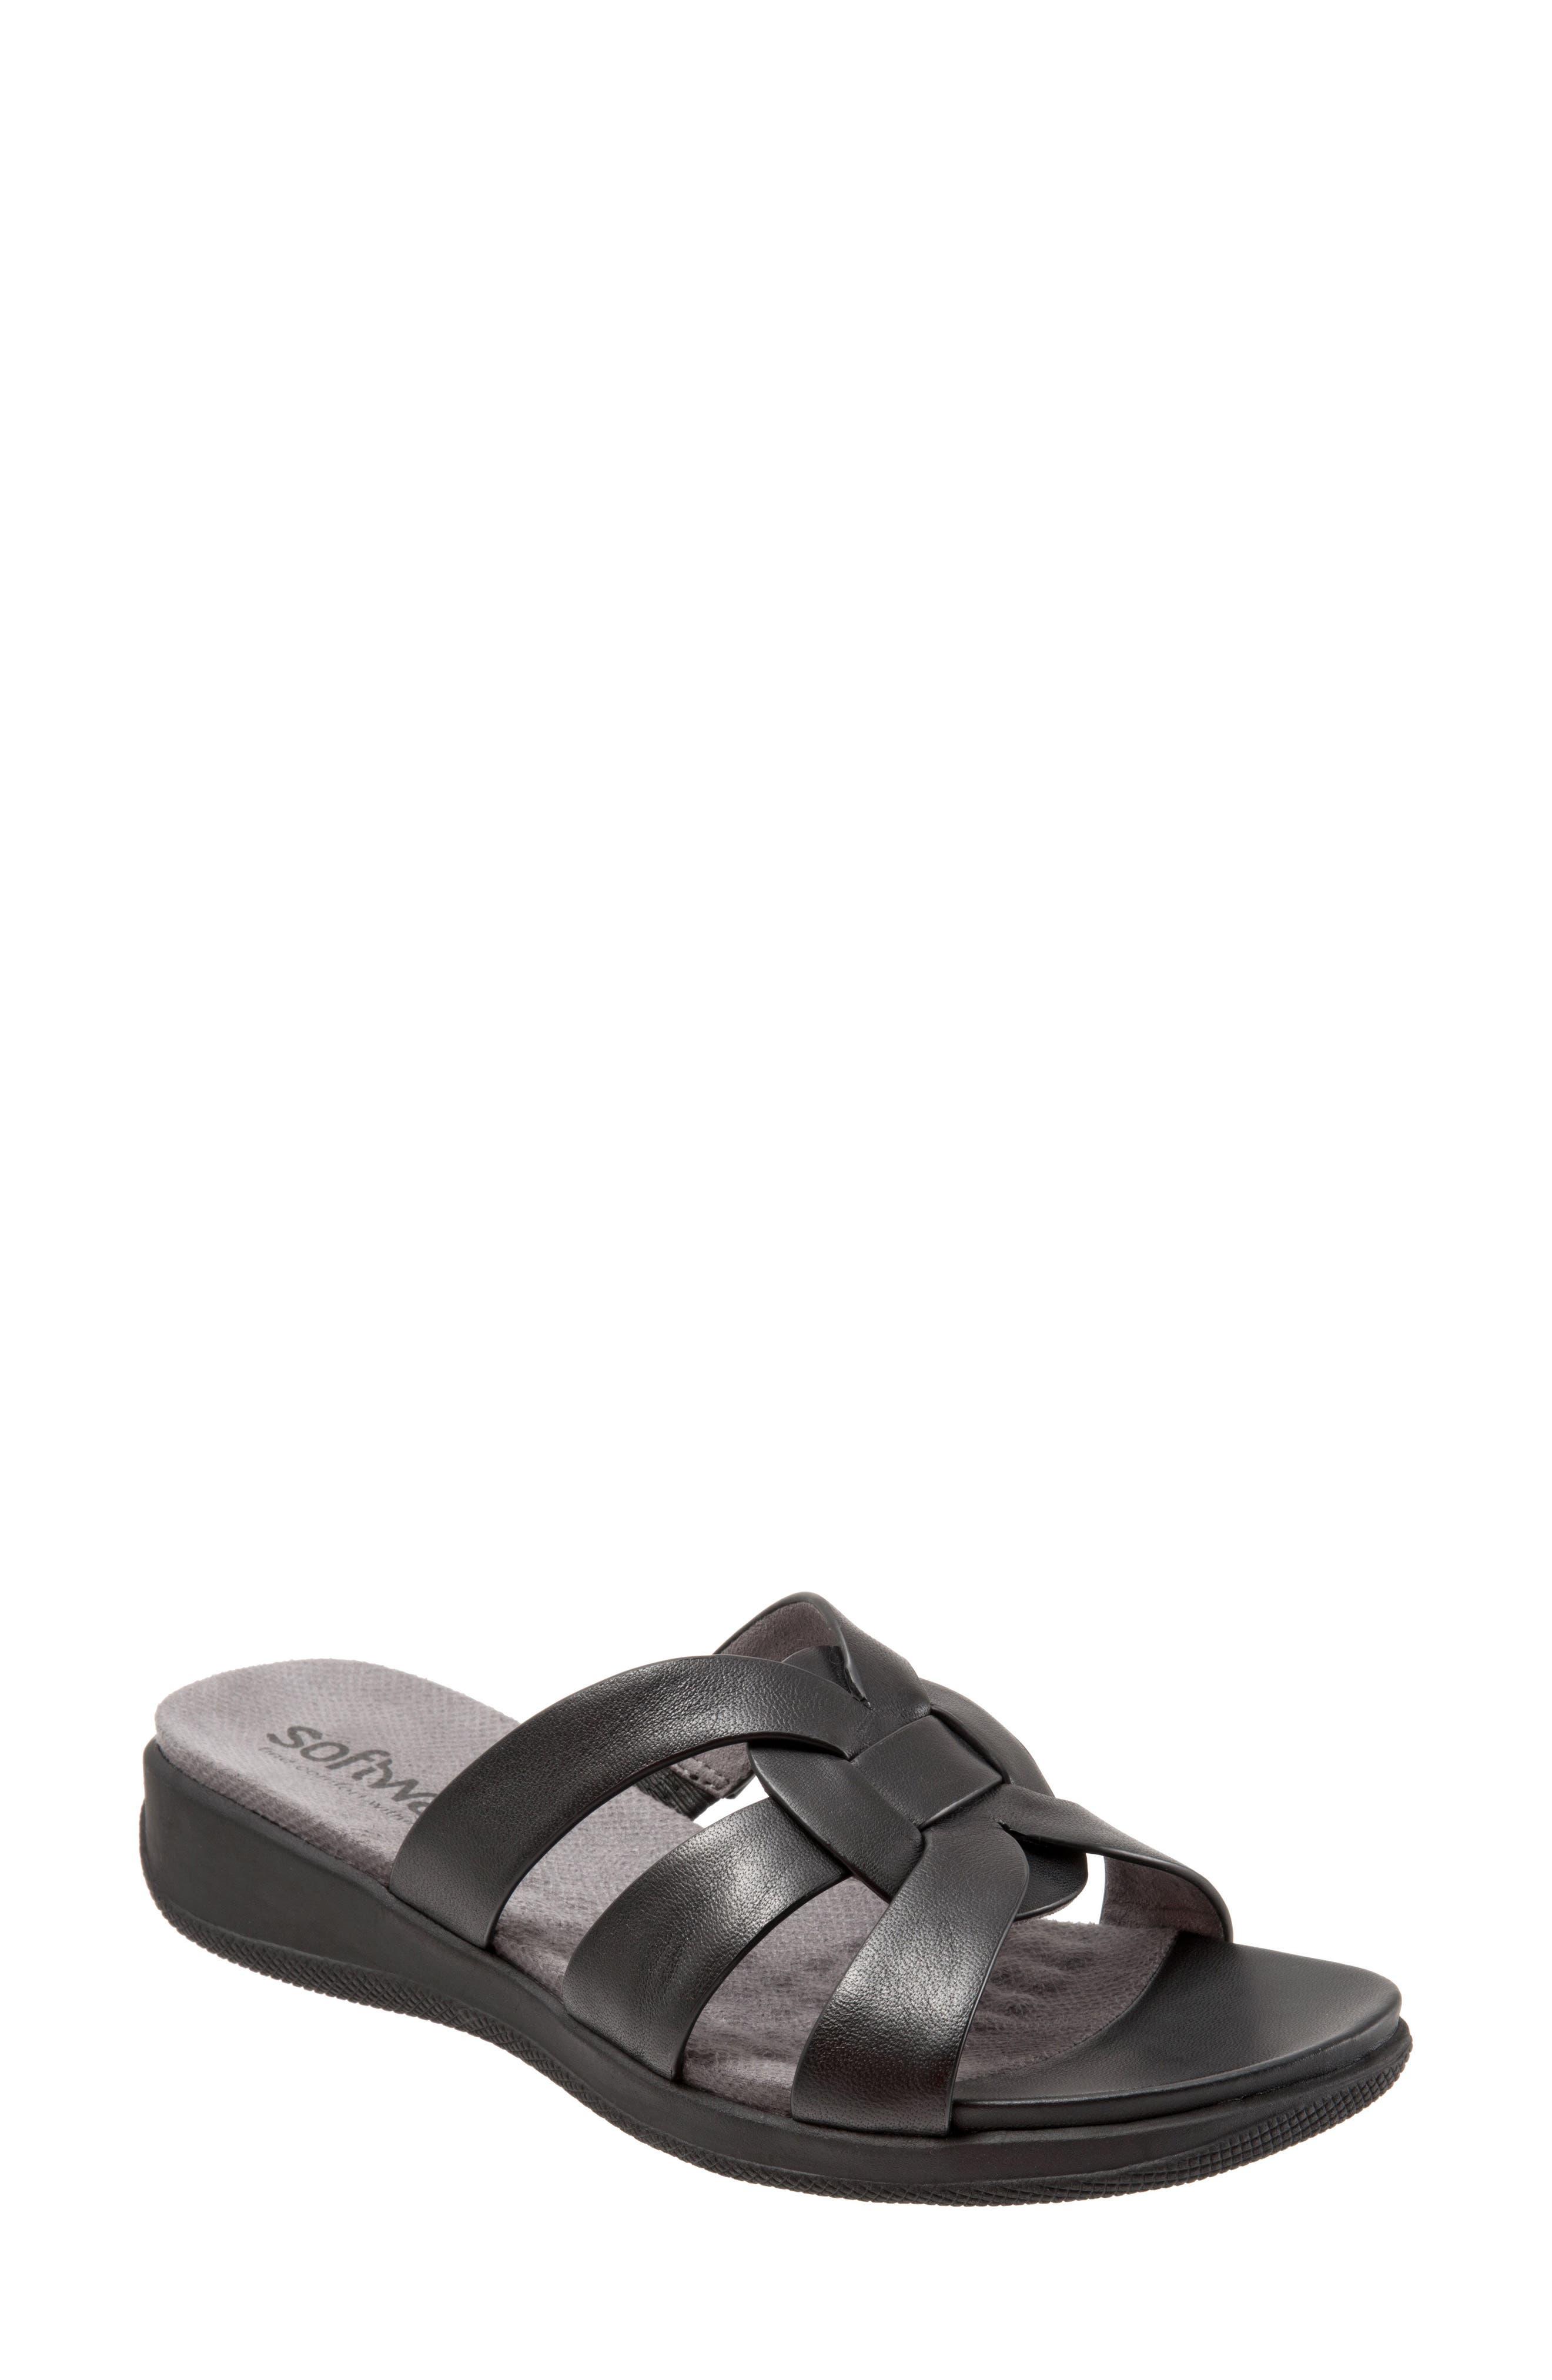 Thompson Slide Sandal,                             Main thumbnail 1, color,                             Black Leather